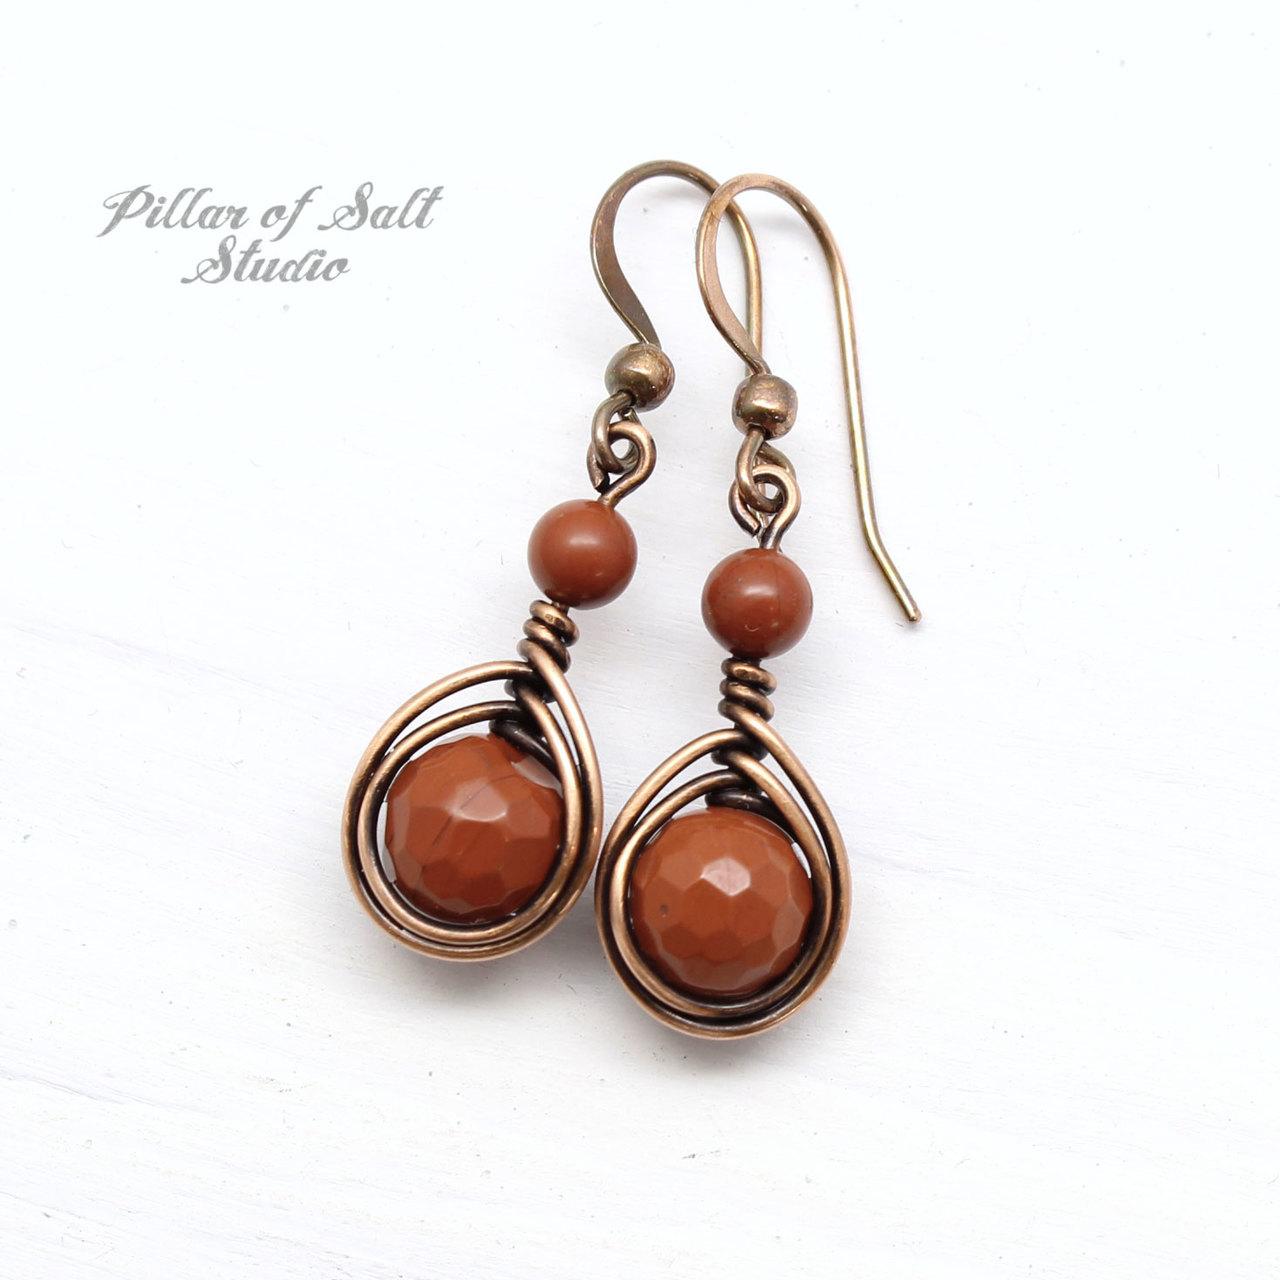 burnt orange red jasper copper wire wrapped earrings by Pillar of Salt Studio